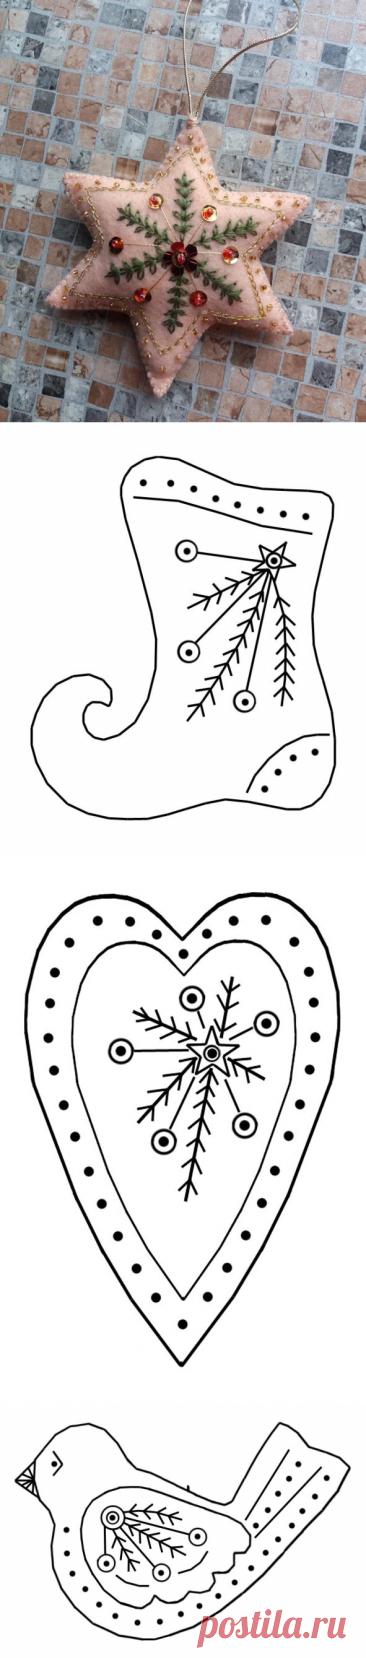 Винтажные елочные игрушки из фетра (5) | ВЕРА БУРОВА, канал про вышивку | Яндекс Дзен